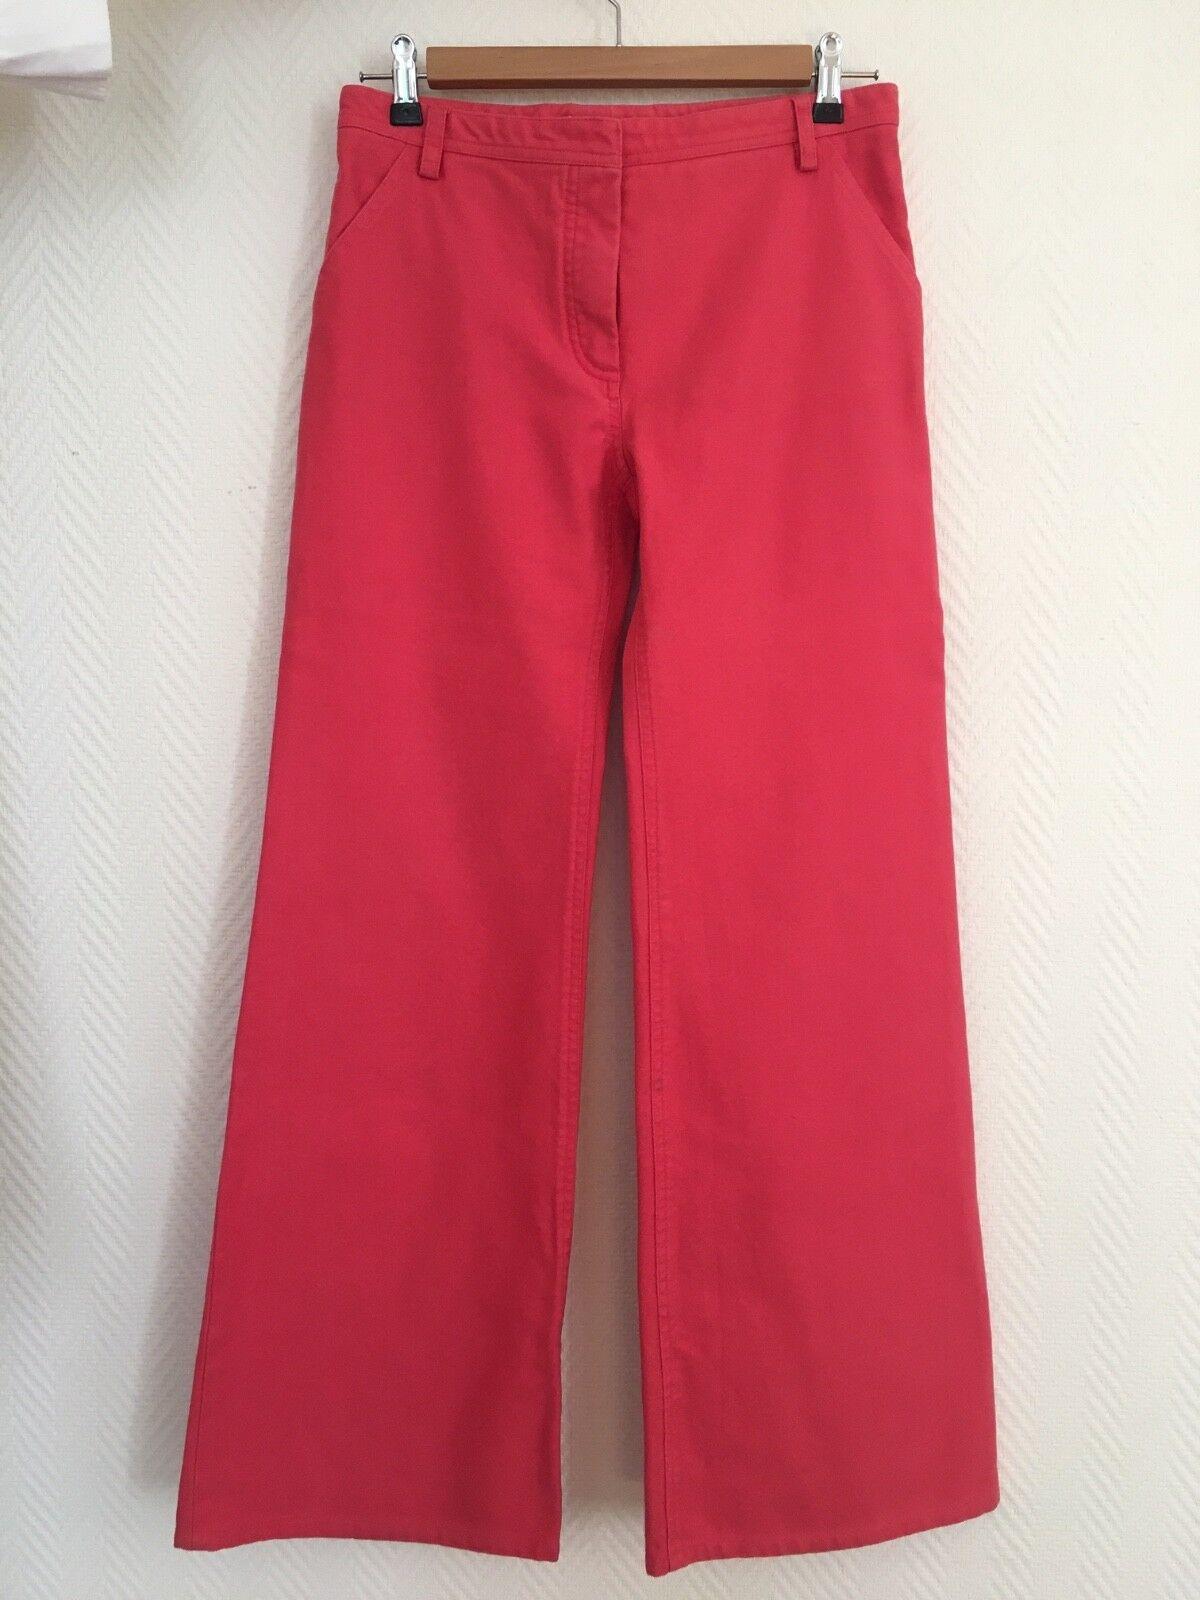 BALENCIAGA Le Dix Jeans Jean pink pink Vintage Authentique RARE